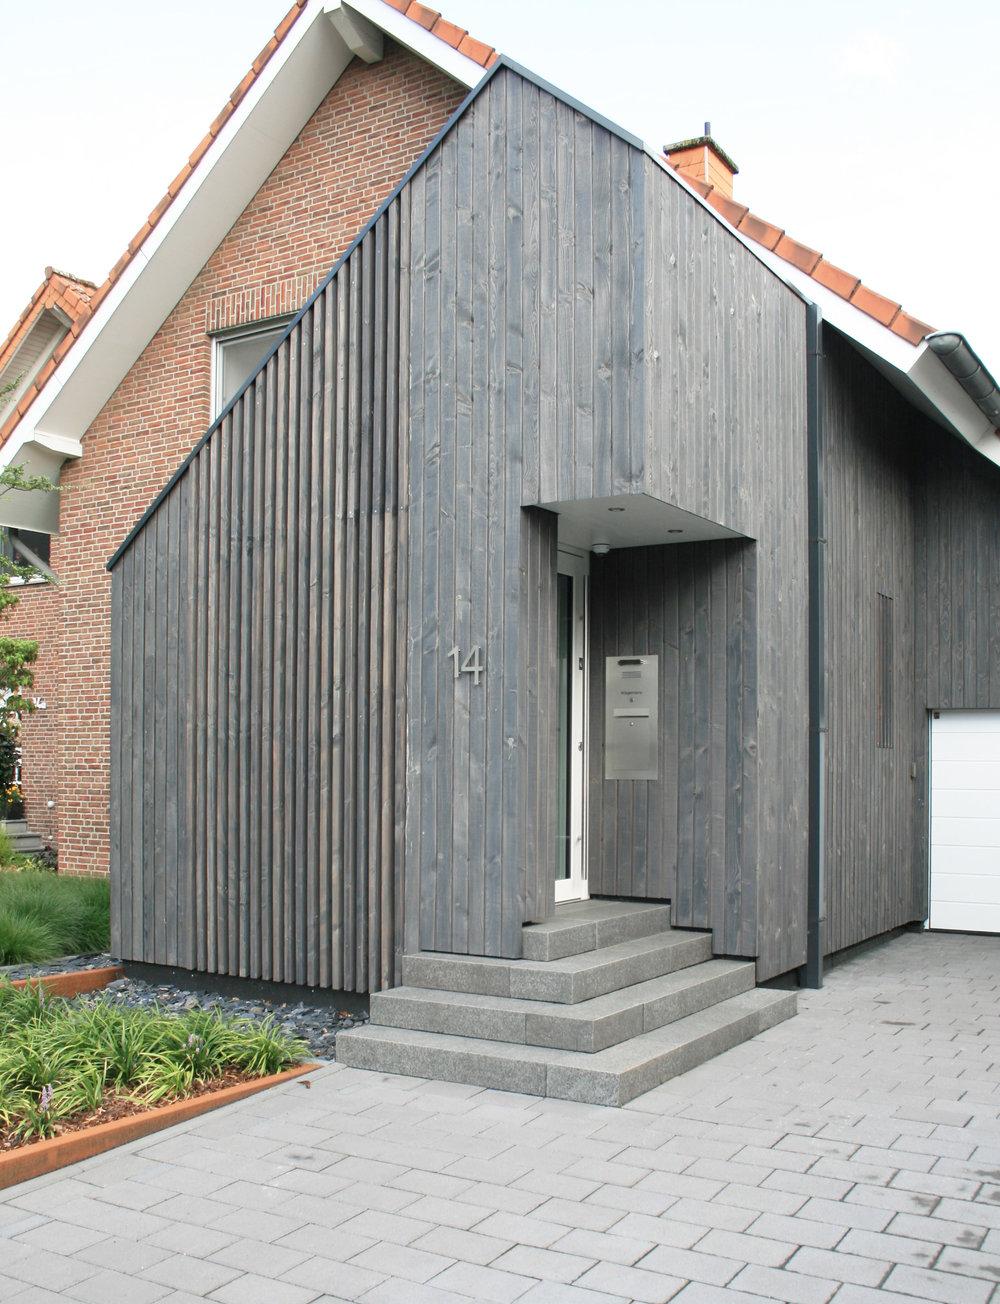 woonhuis: w te s - see more…